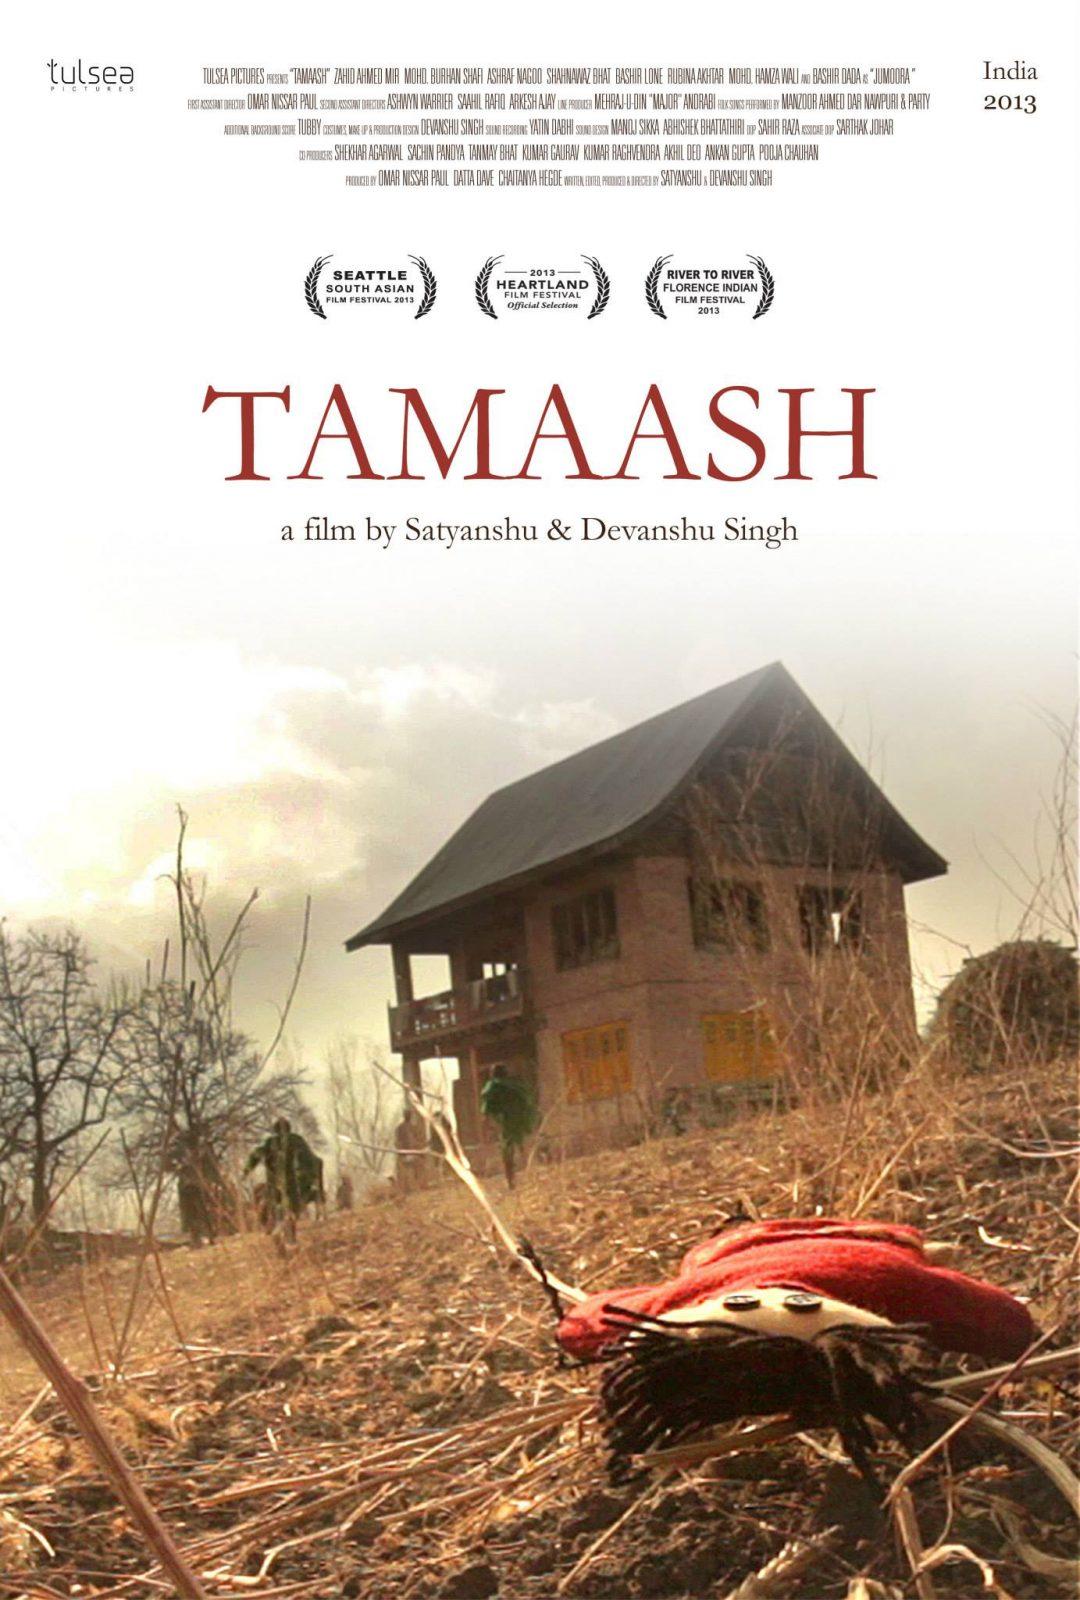 tamaash poster